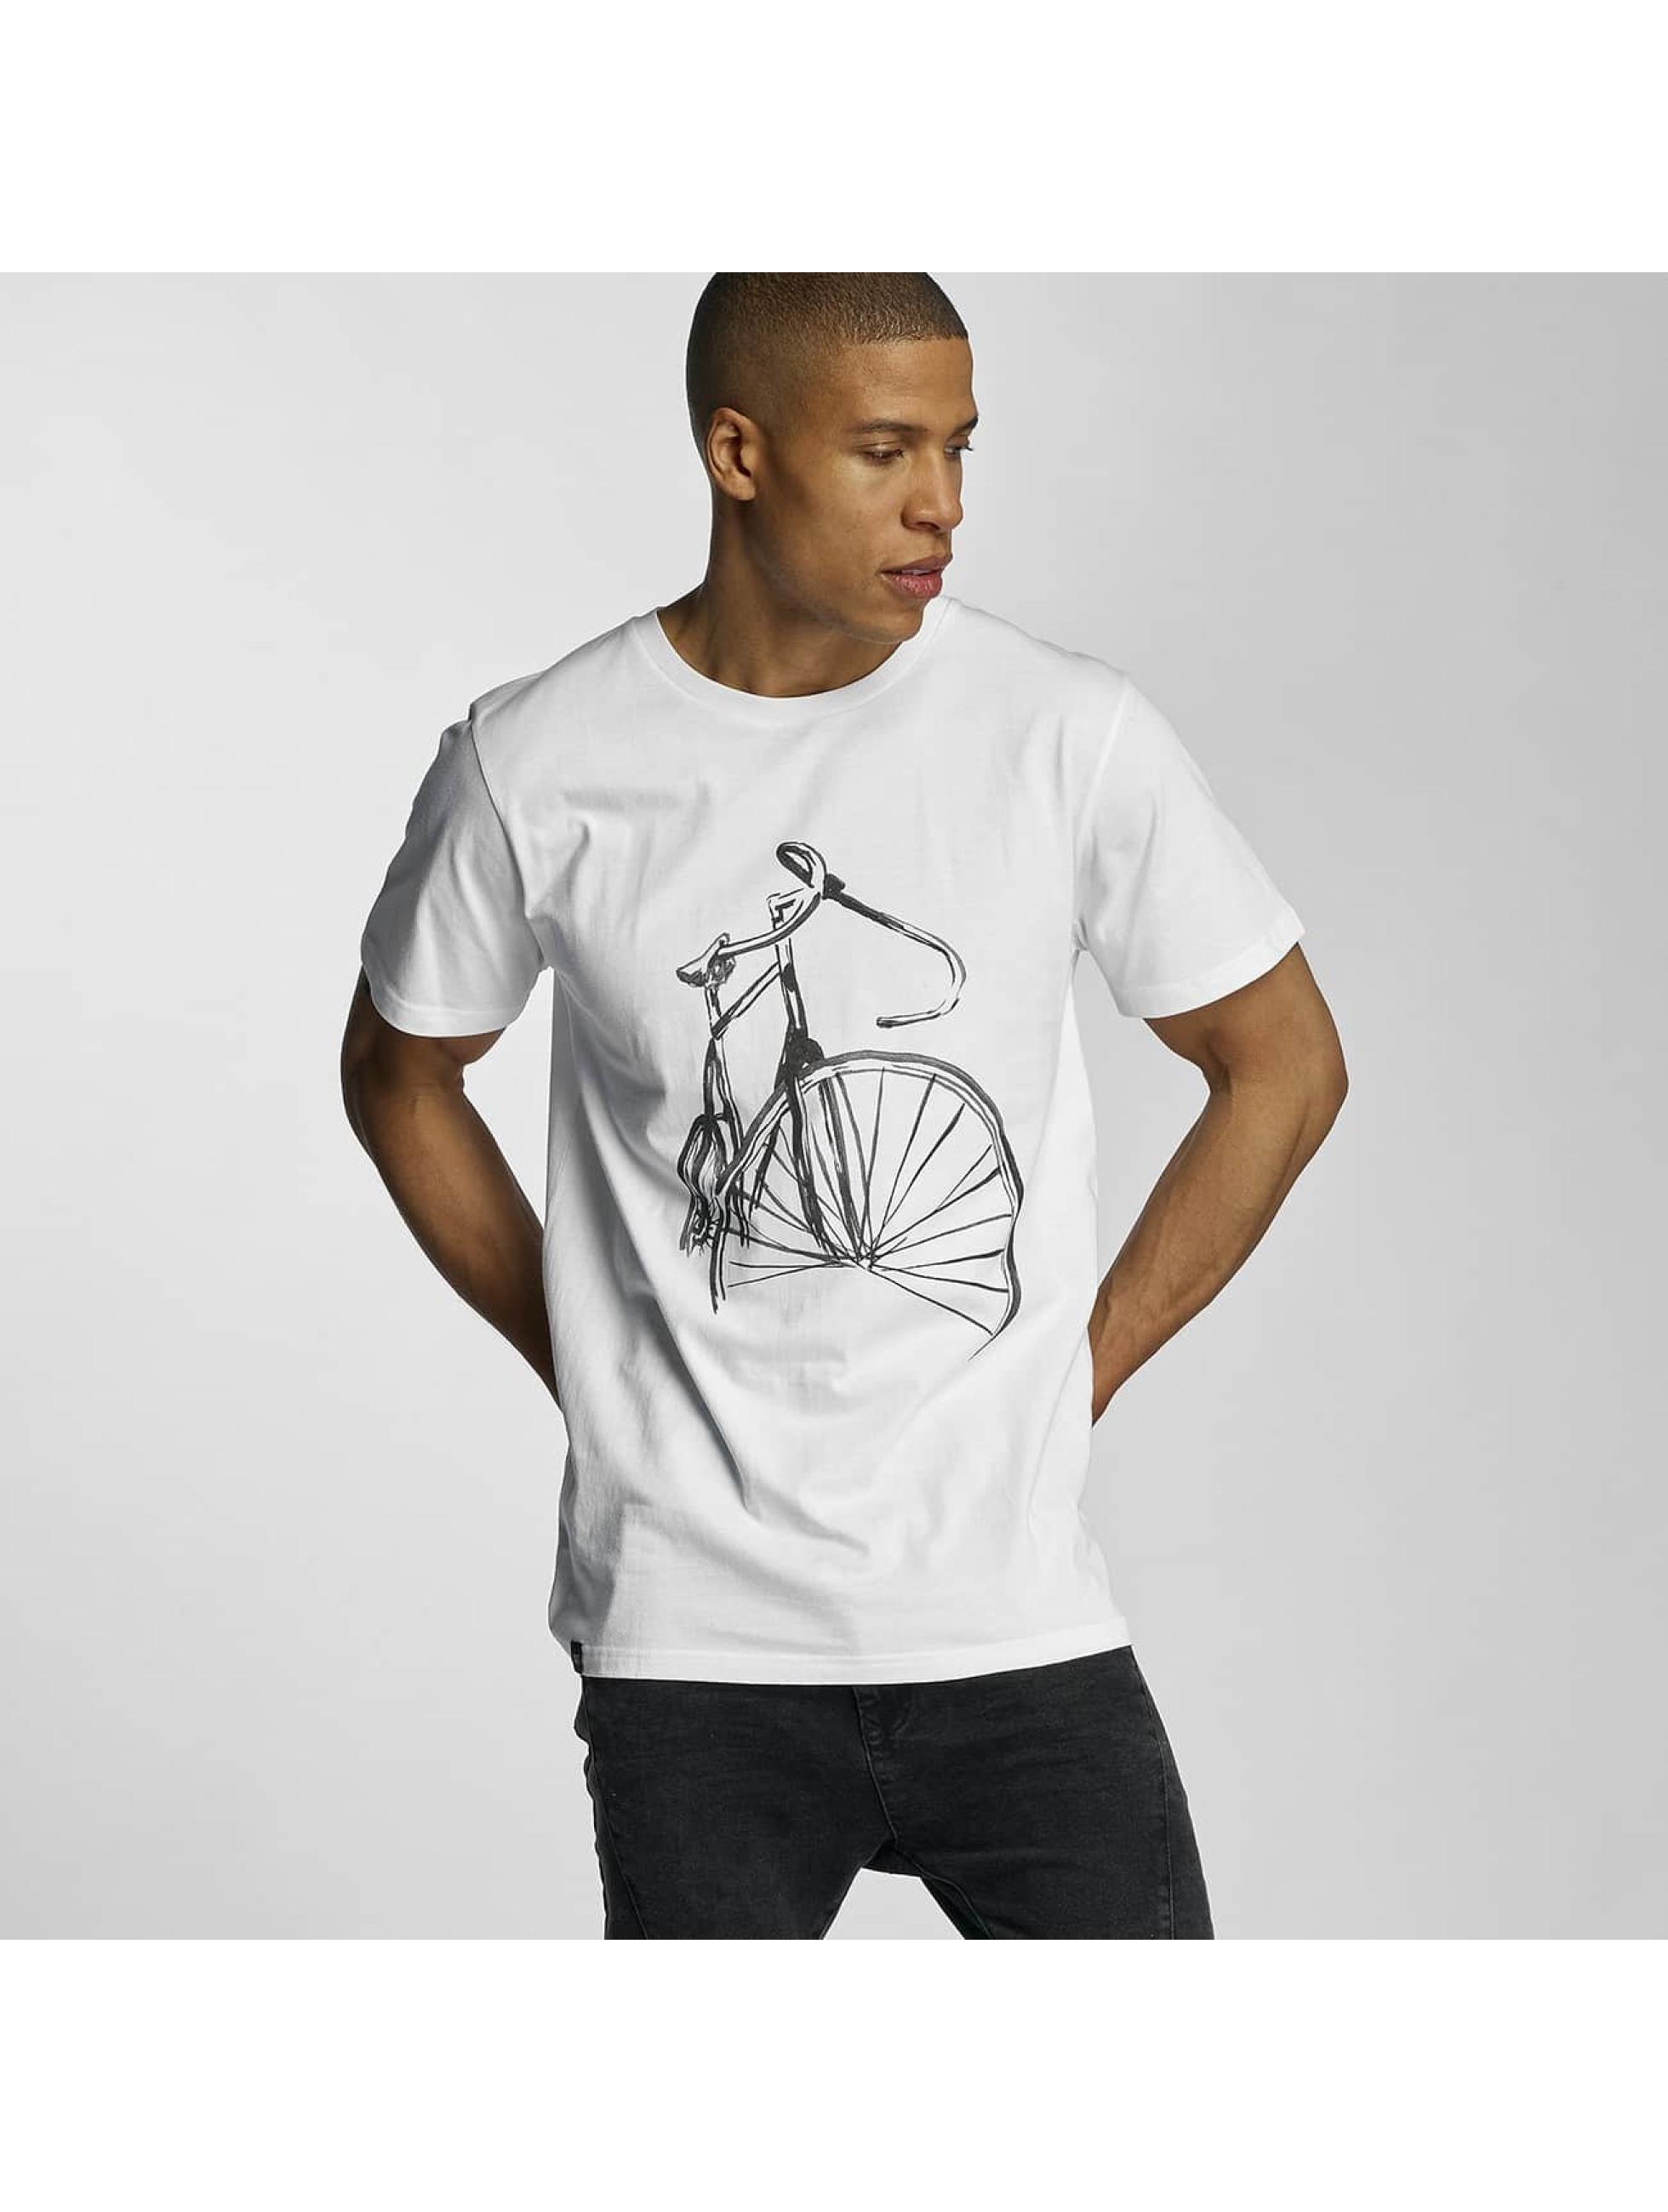 DEDICATED Männer T-Shirt Sketch Bike in weiß